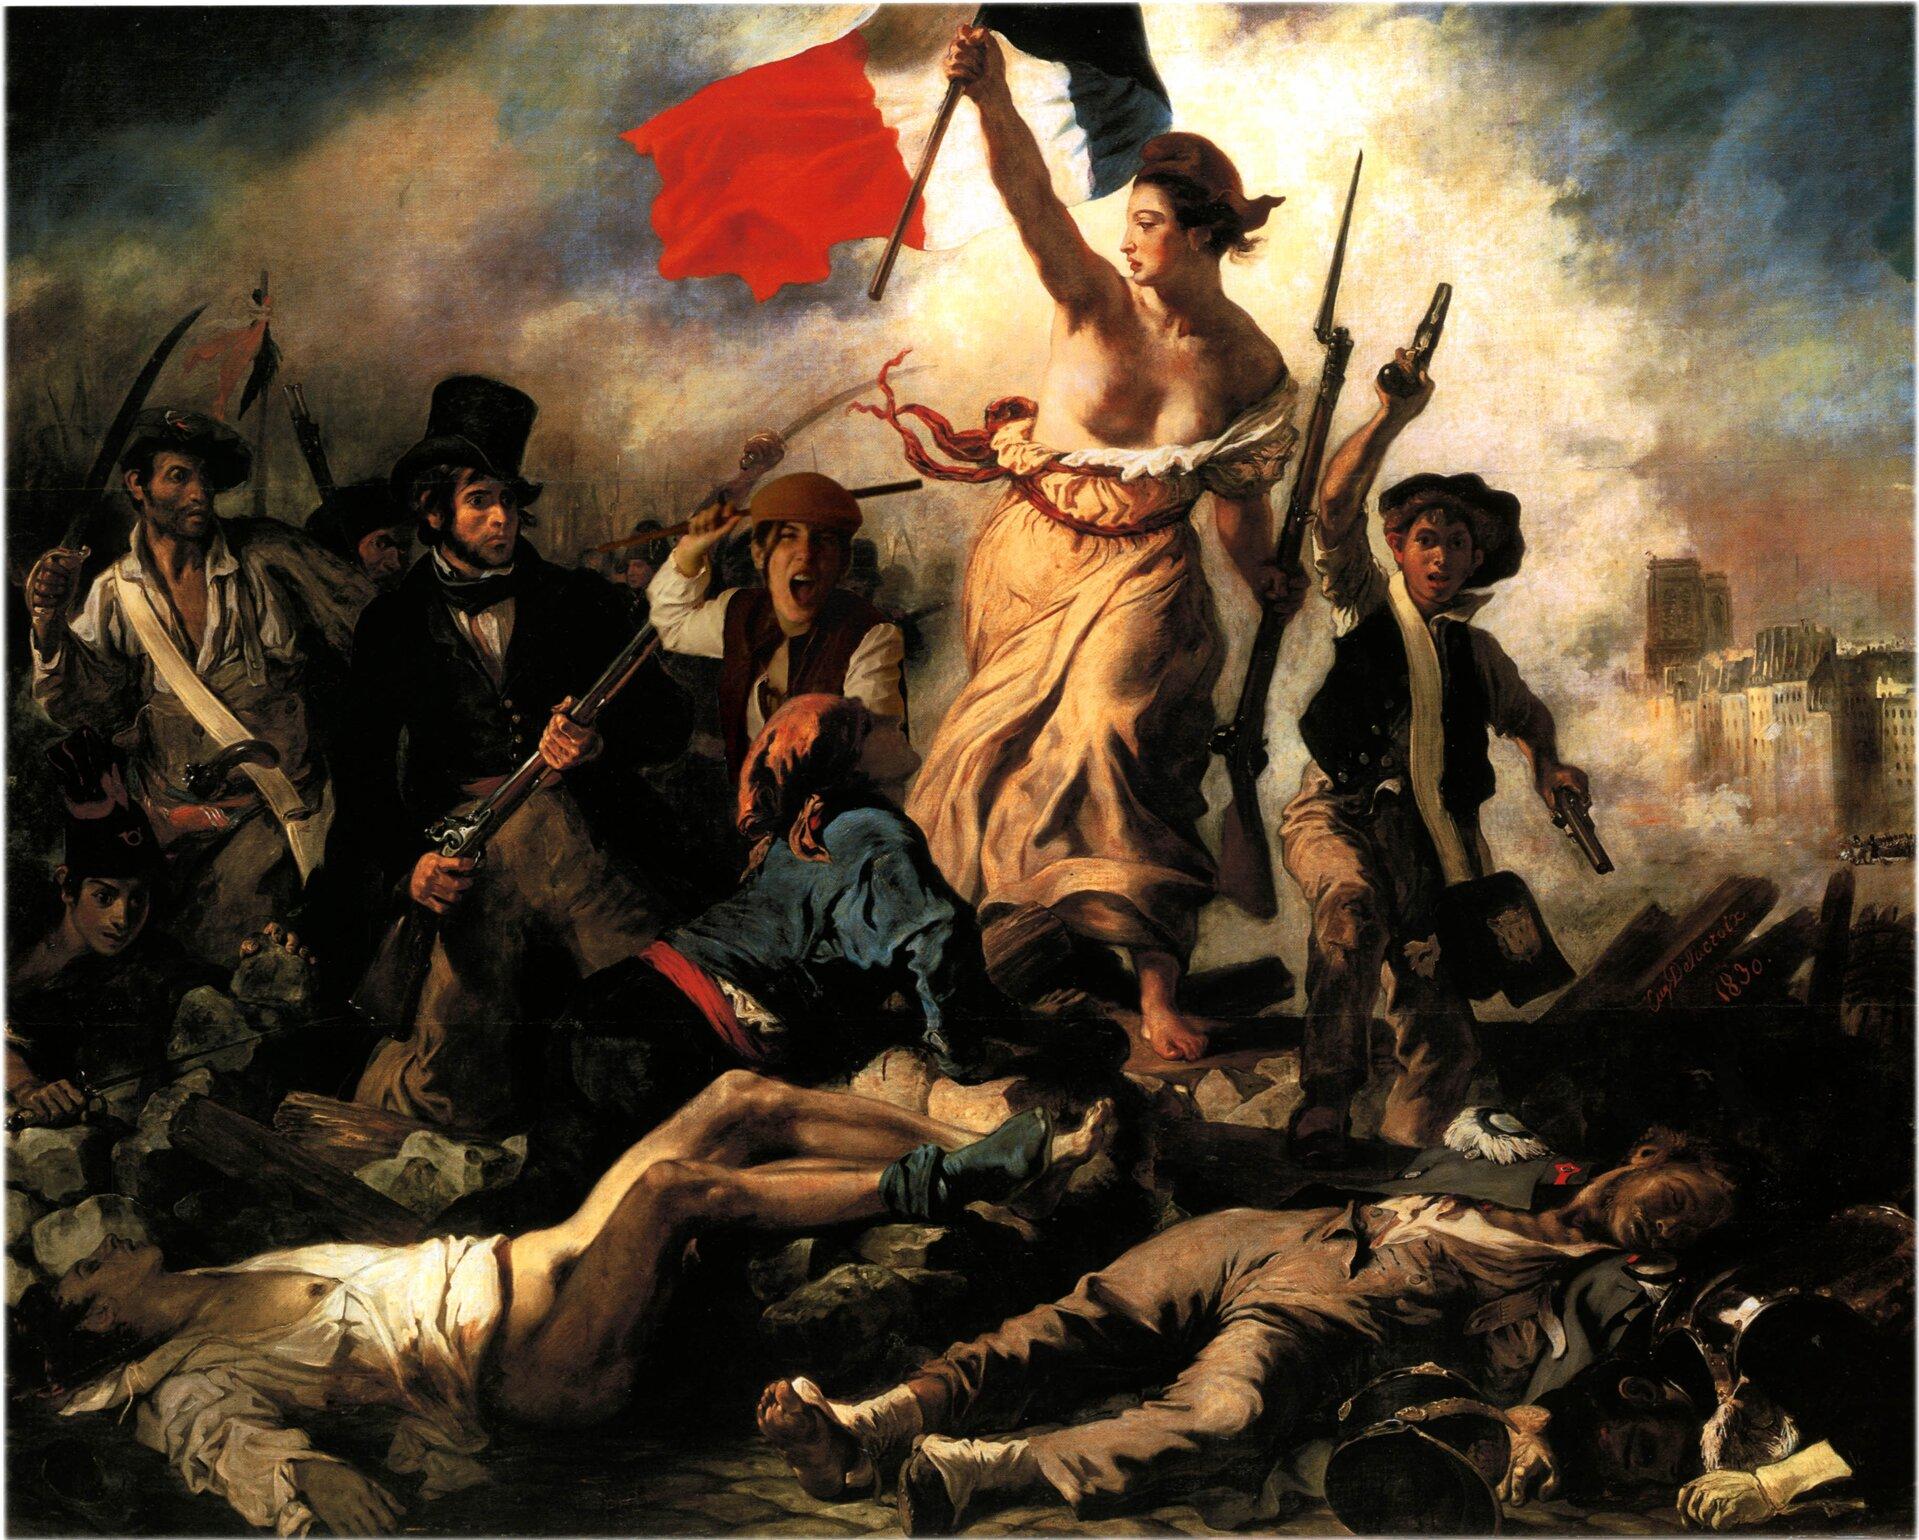 """Ilustracja przedstawia obraz Eugène'a Delacroixa """"Wolność wiodąca lud na barykady"""". Malarz ukazał symbolicznie wolność jako kobietę. Wrozdartej sukni, zflagą francuską wjednej dłoni ibagnetem wdrugiej prowadzi grupę ludzi. To żołnierze. Wspólnie wyruszają po zwycięstwo iwolność. Udołu obrazu namalowane martwe postaci. Woddali widoczne są budynki. Tło stanowi ciemne niebo ikłębiący się dookoła dym."""